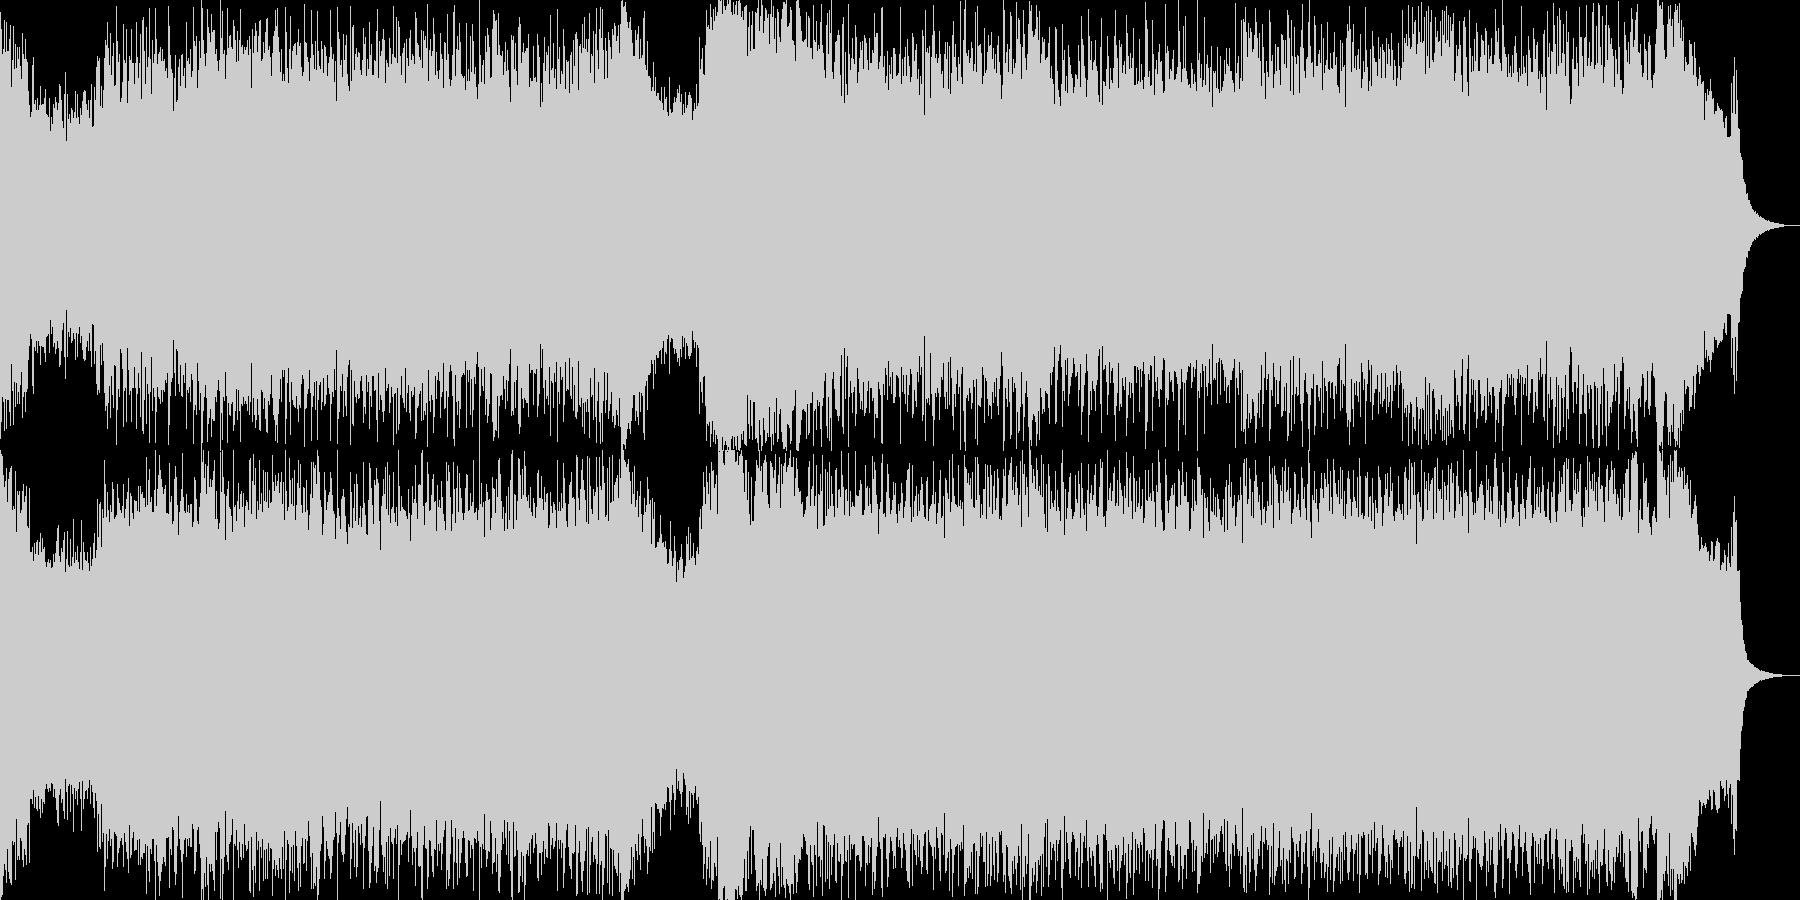 ロック オープニング パンク メジャーの未再生の波形